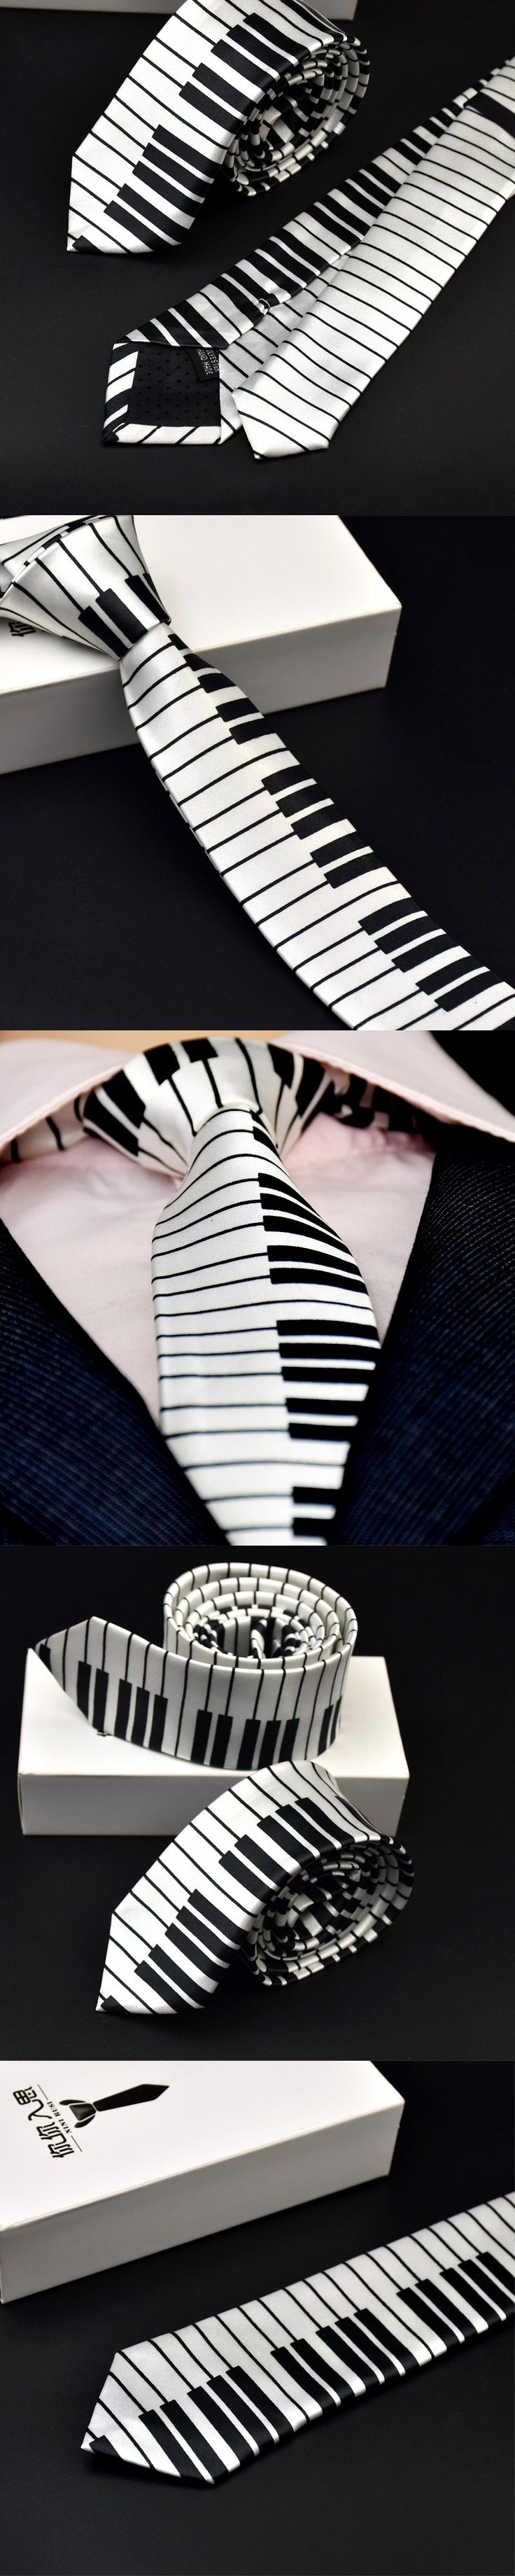 New Fashion Necktie Artist Gentleman Ties Toastmaster Wedding Party Elegant Keyboard Silk Gravata Slim Arrow Tie for Men Gifts